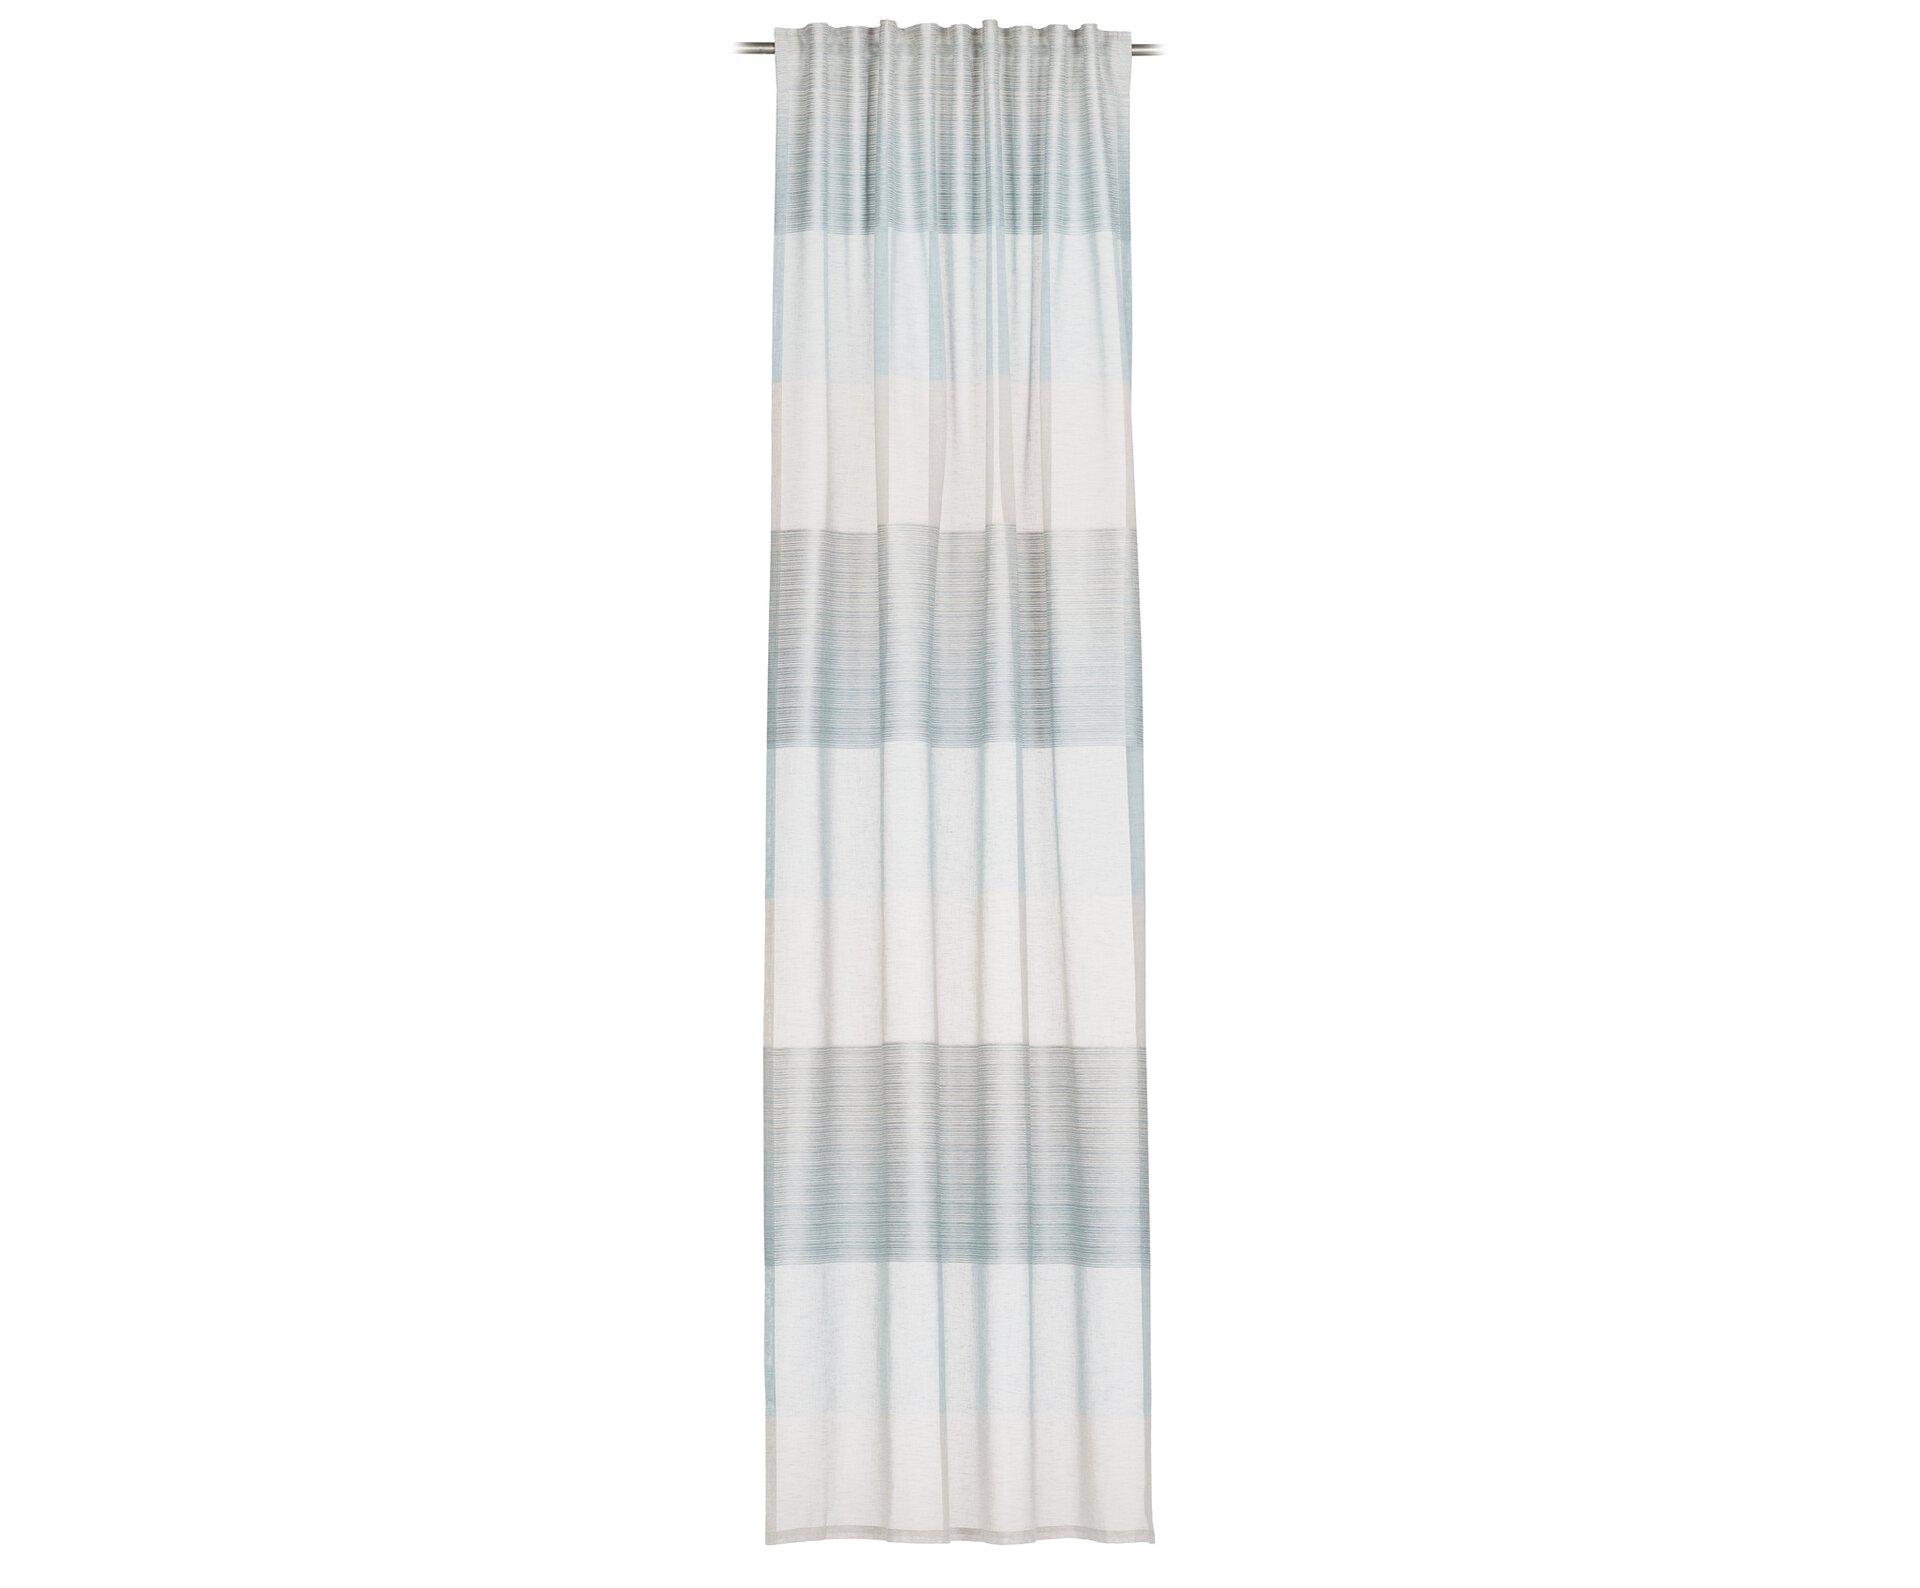 Schlaufenschal Viano Ambiente Trendlife Textil Blau 140 x 245 cm